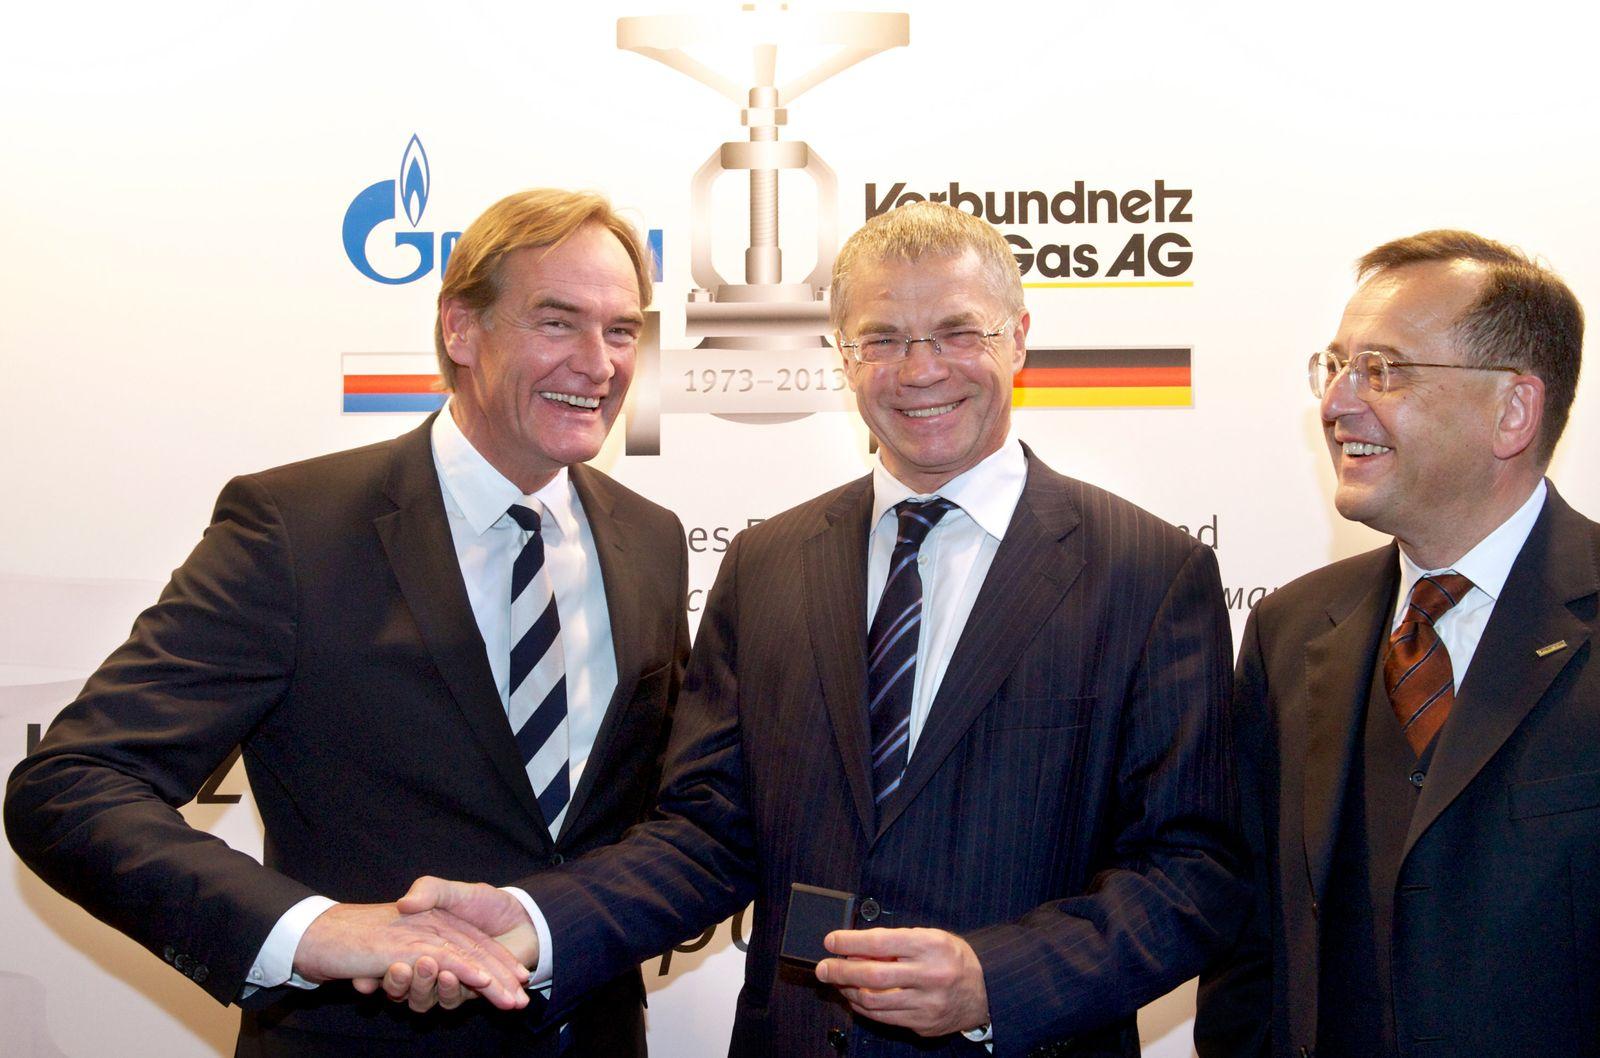 Gazprom / VNG / Alexander Medwedew